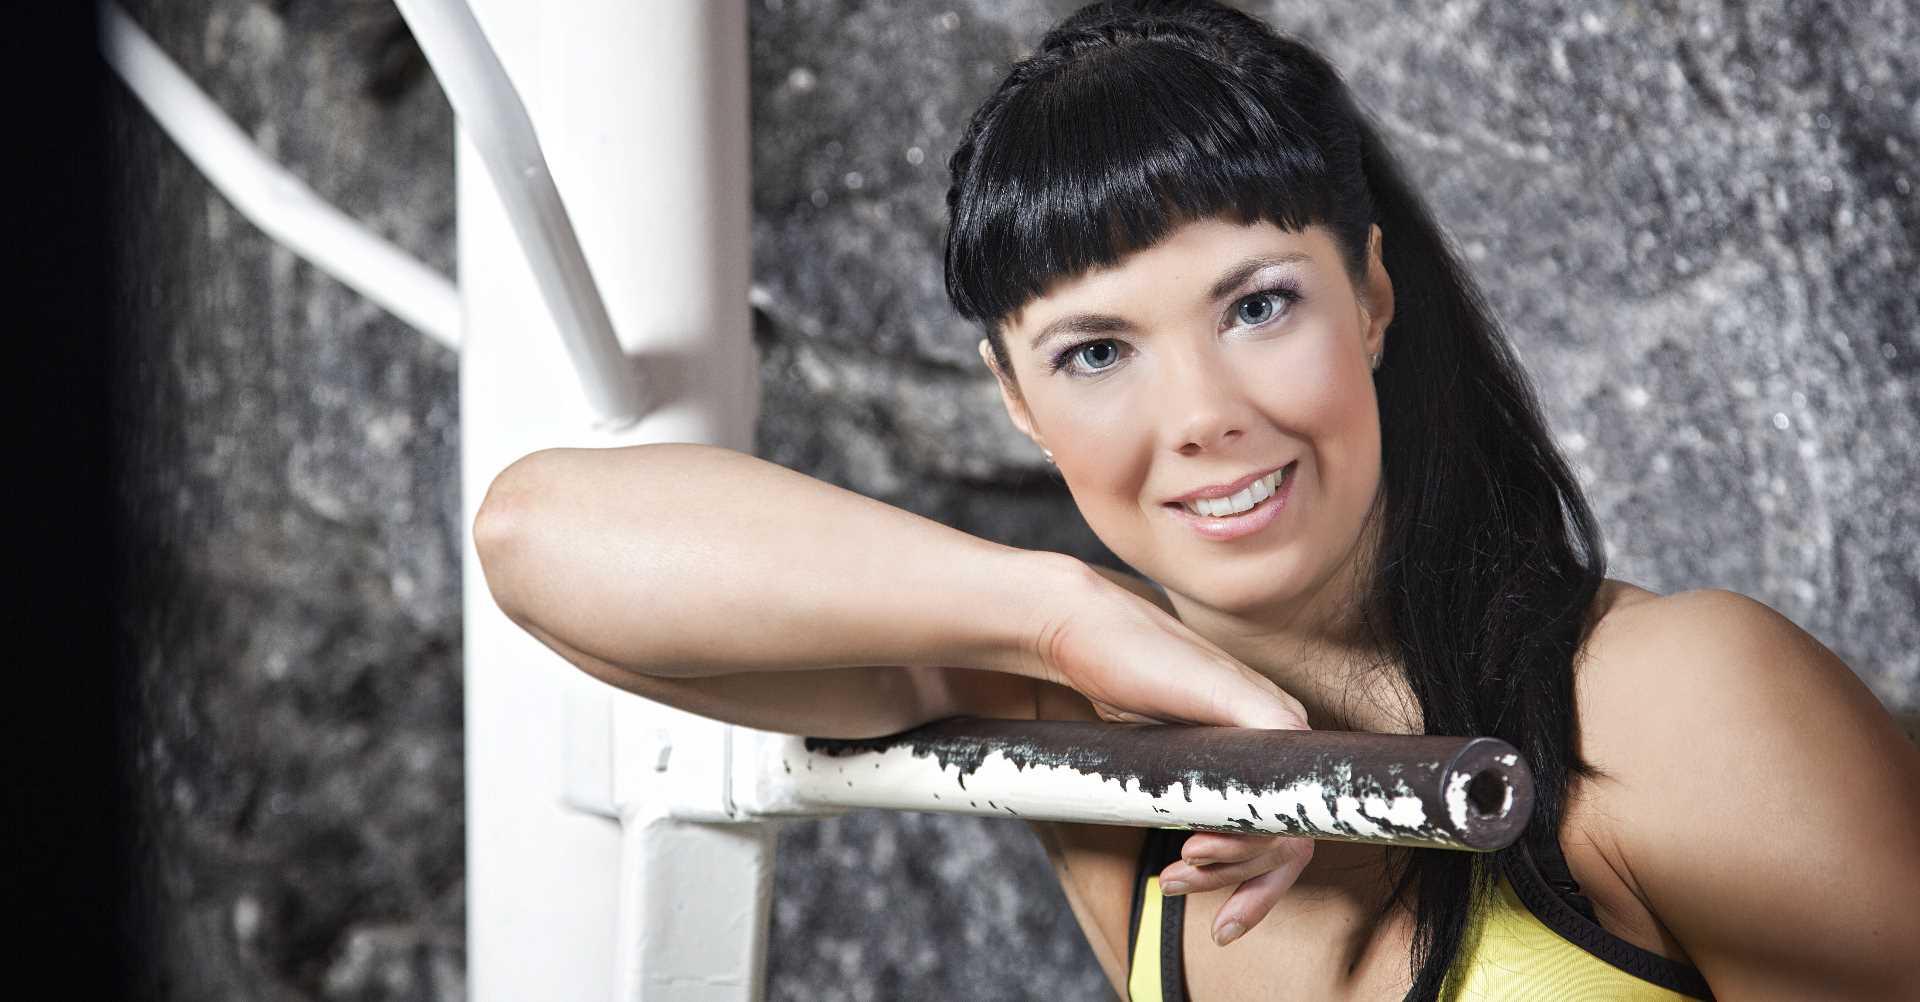 Sanna Eloranta